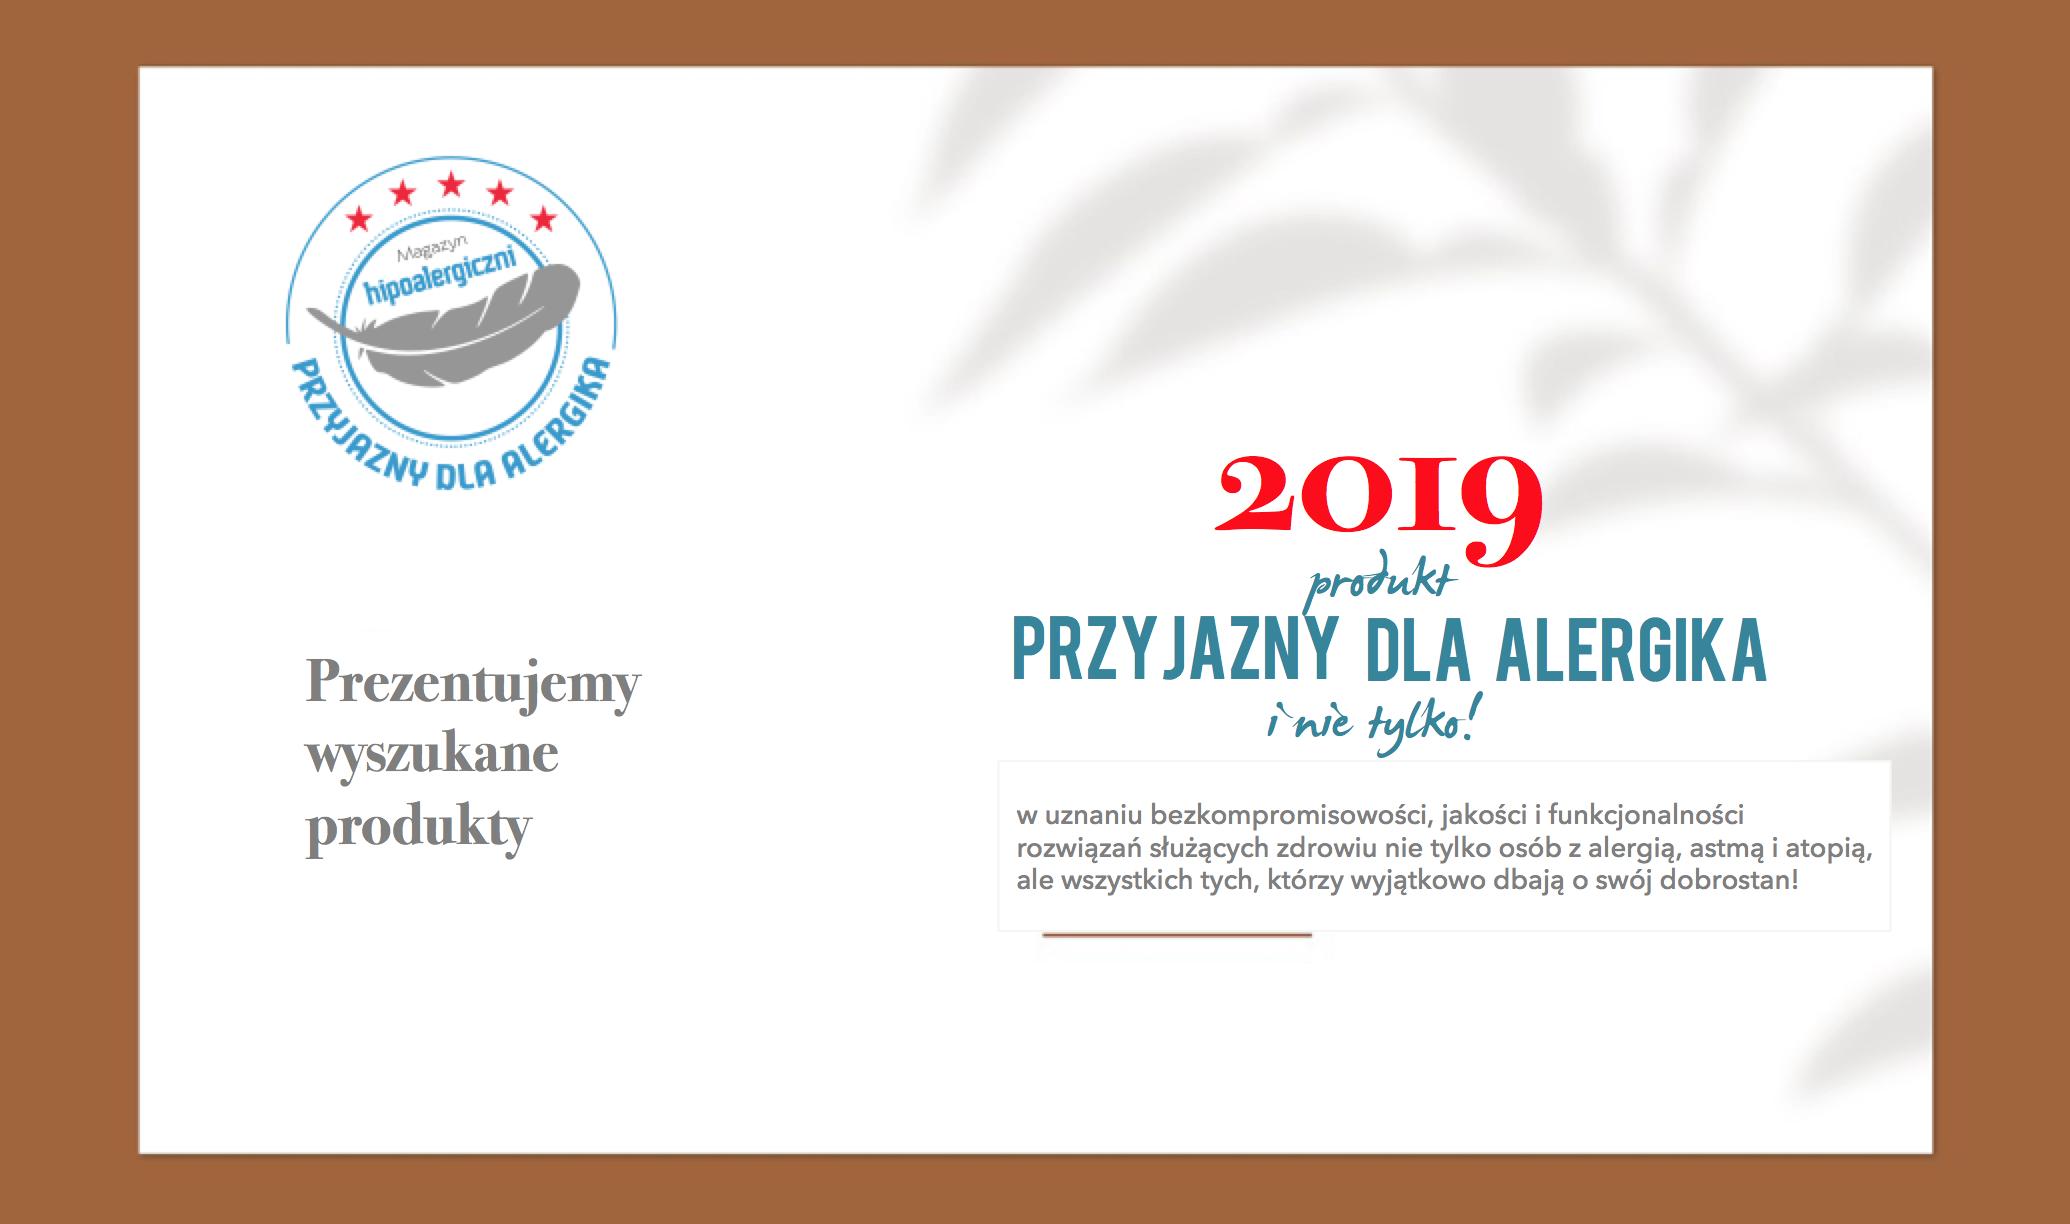 hipoalergiczni-przyjazny-dla-alergika-2019-zaneta-geltz